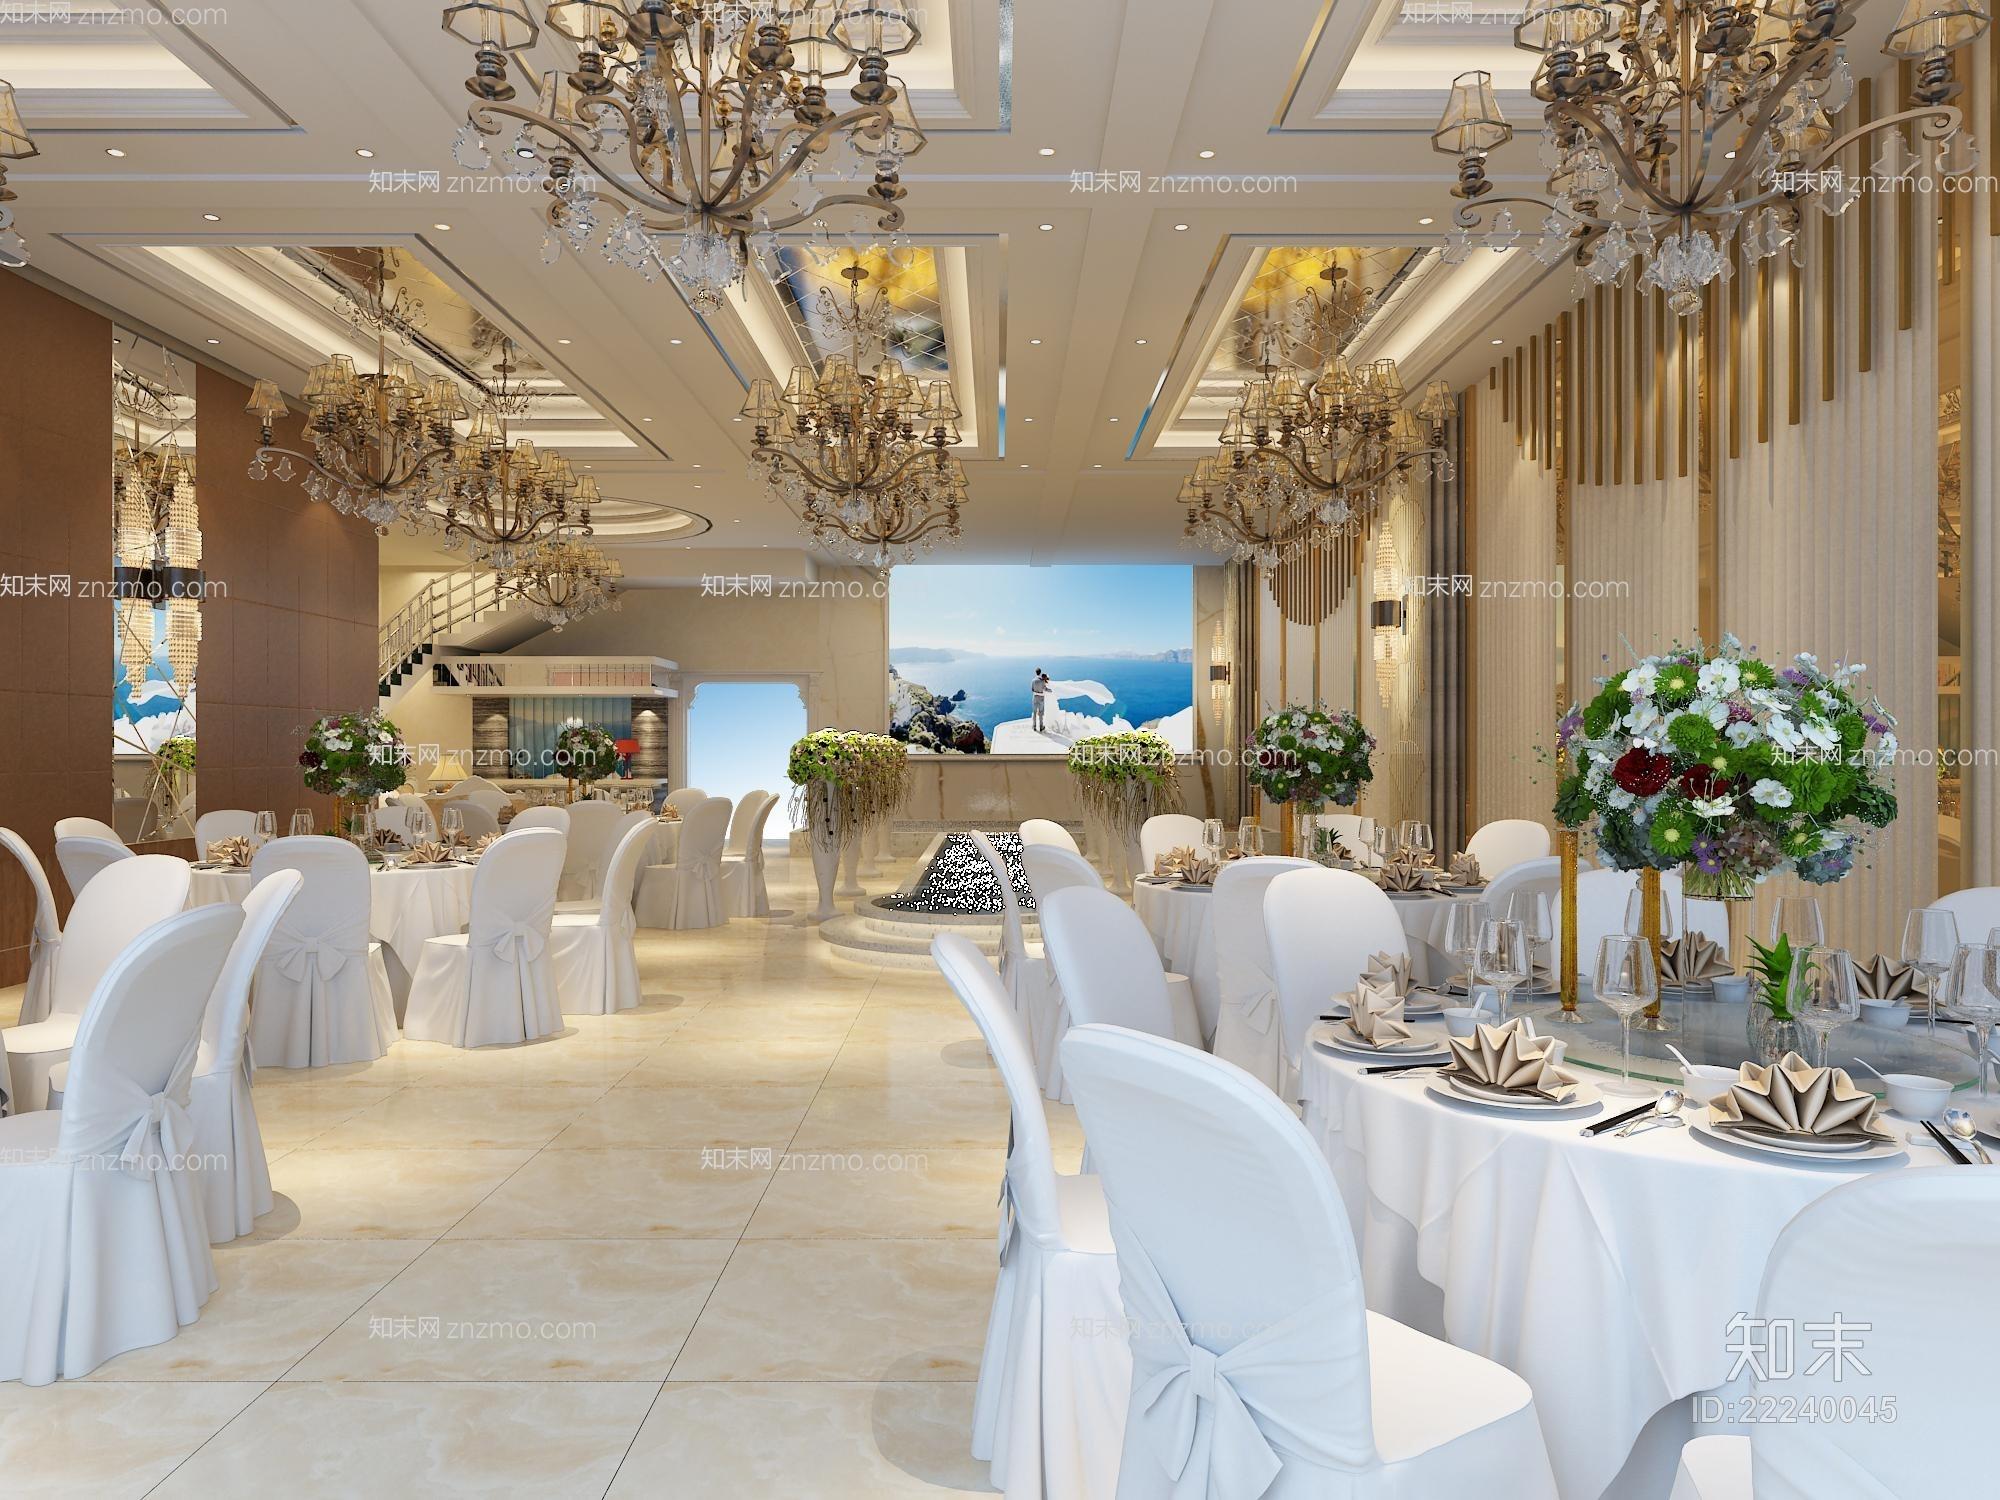 经典欧式酒店宴会厅 经典欧式金属吊灯 现代白色餐桌椅组合 玻璃花瓶